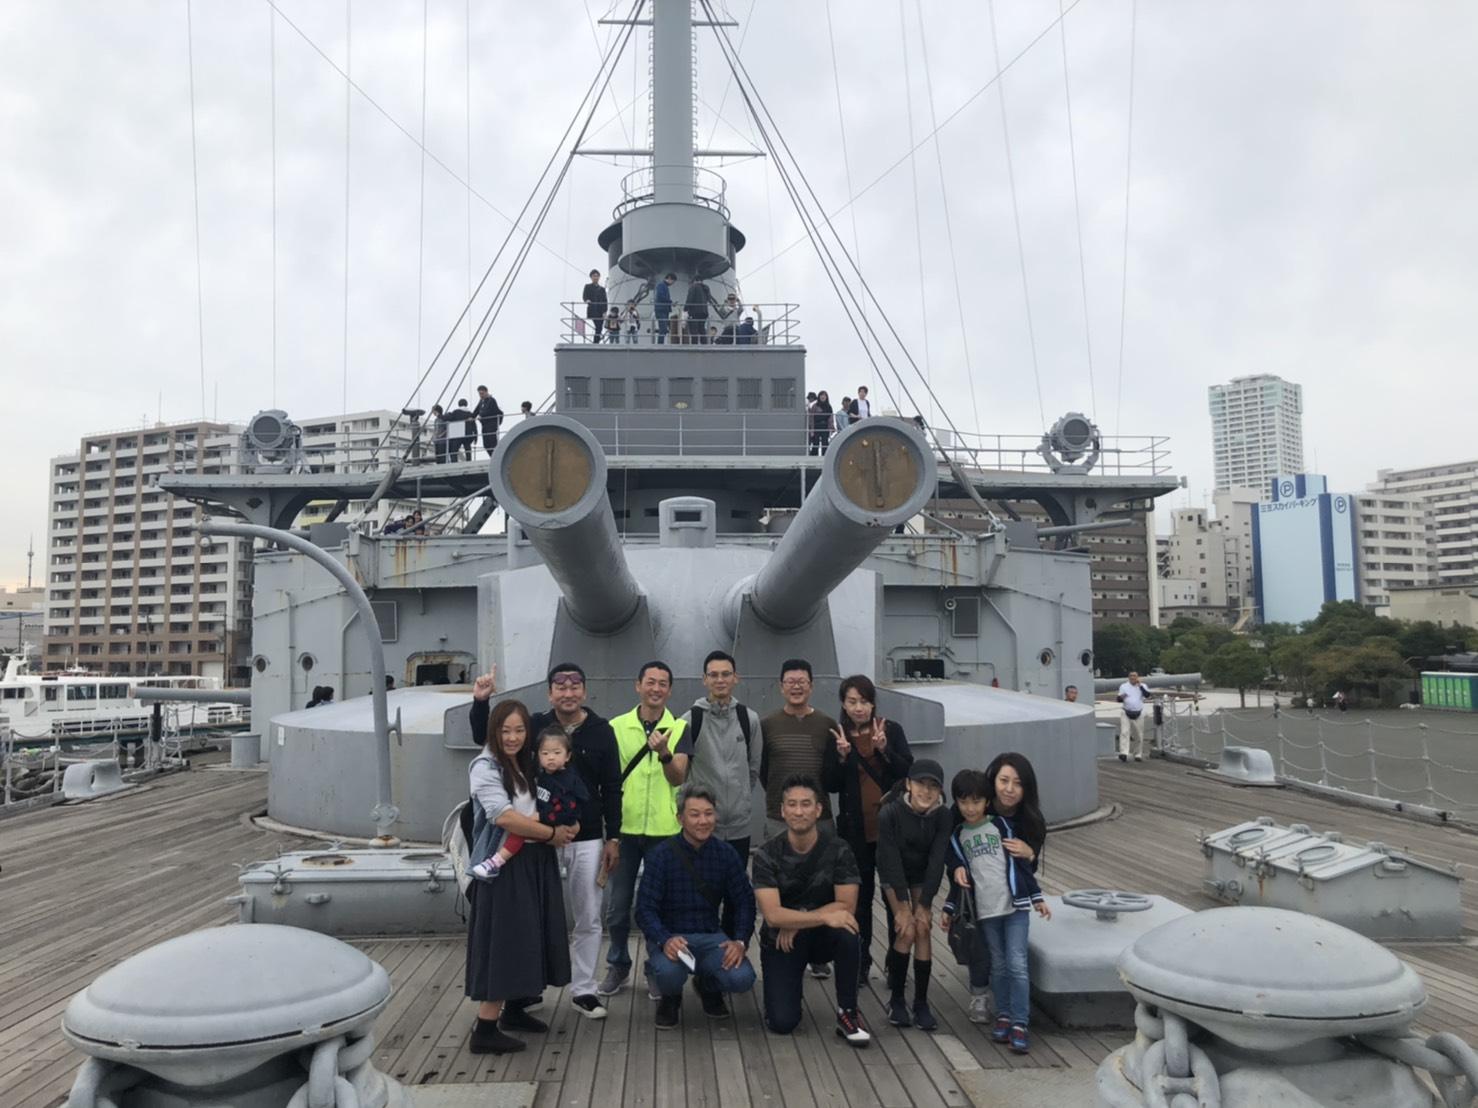 10月27日 『YOKOSUKA 軍港めぐりと三浦・漁師グルメの旅』バスツアー1